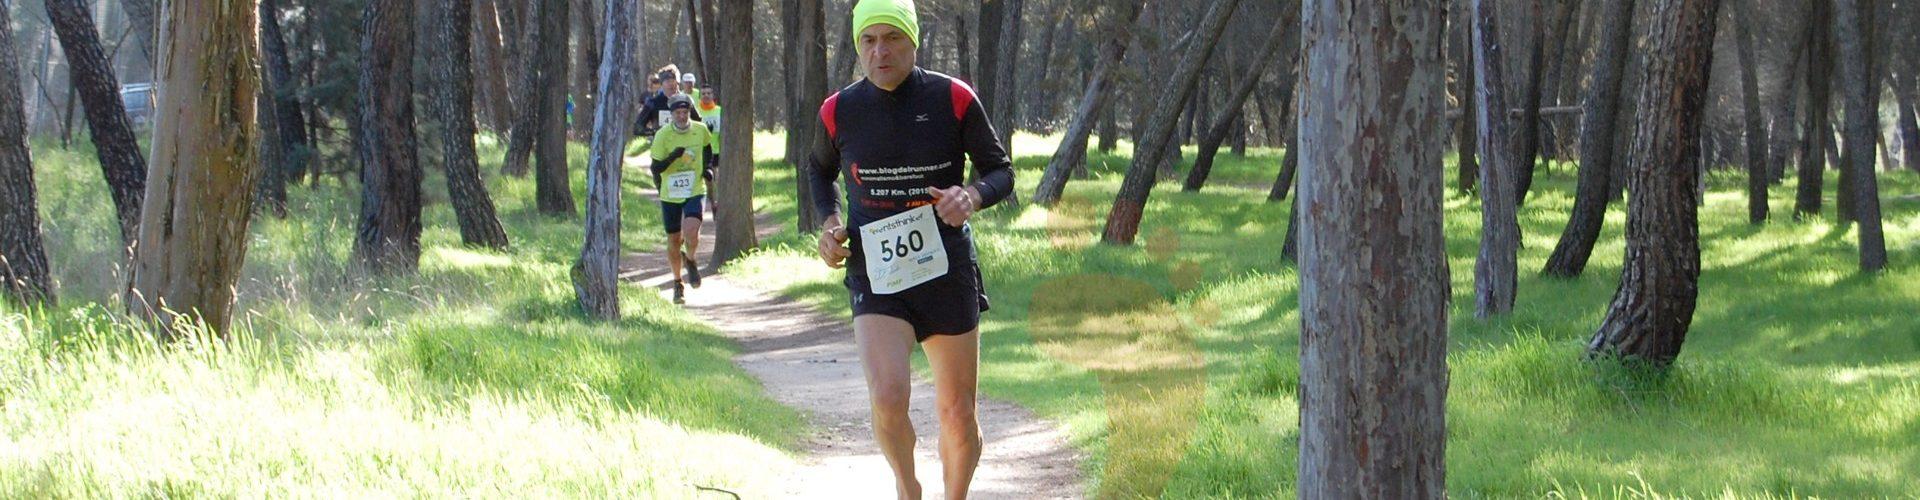 La forma correcta de correr descalzo o minimalista